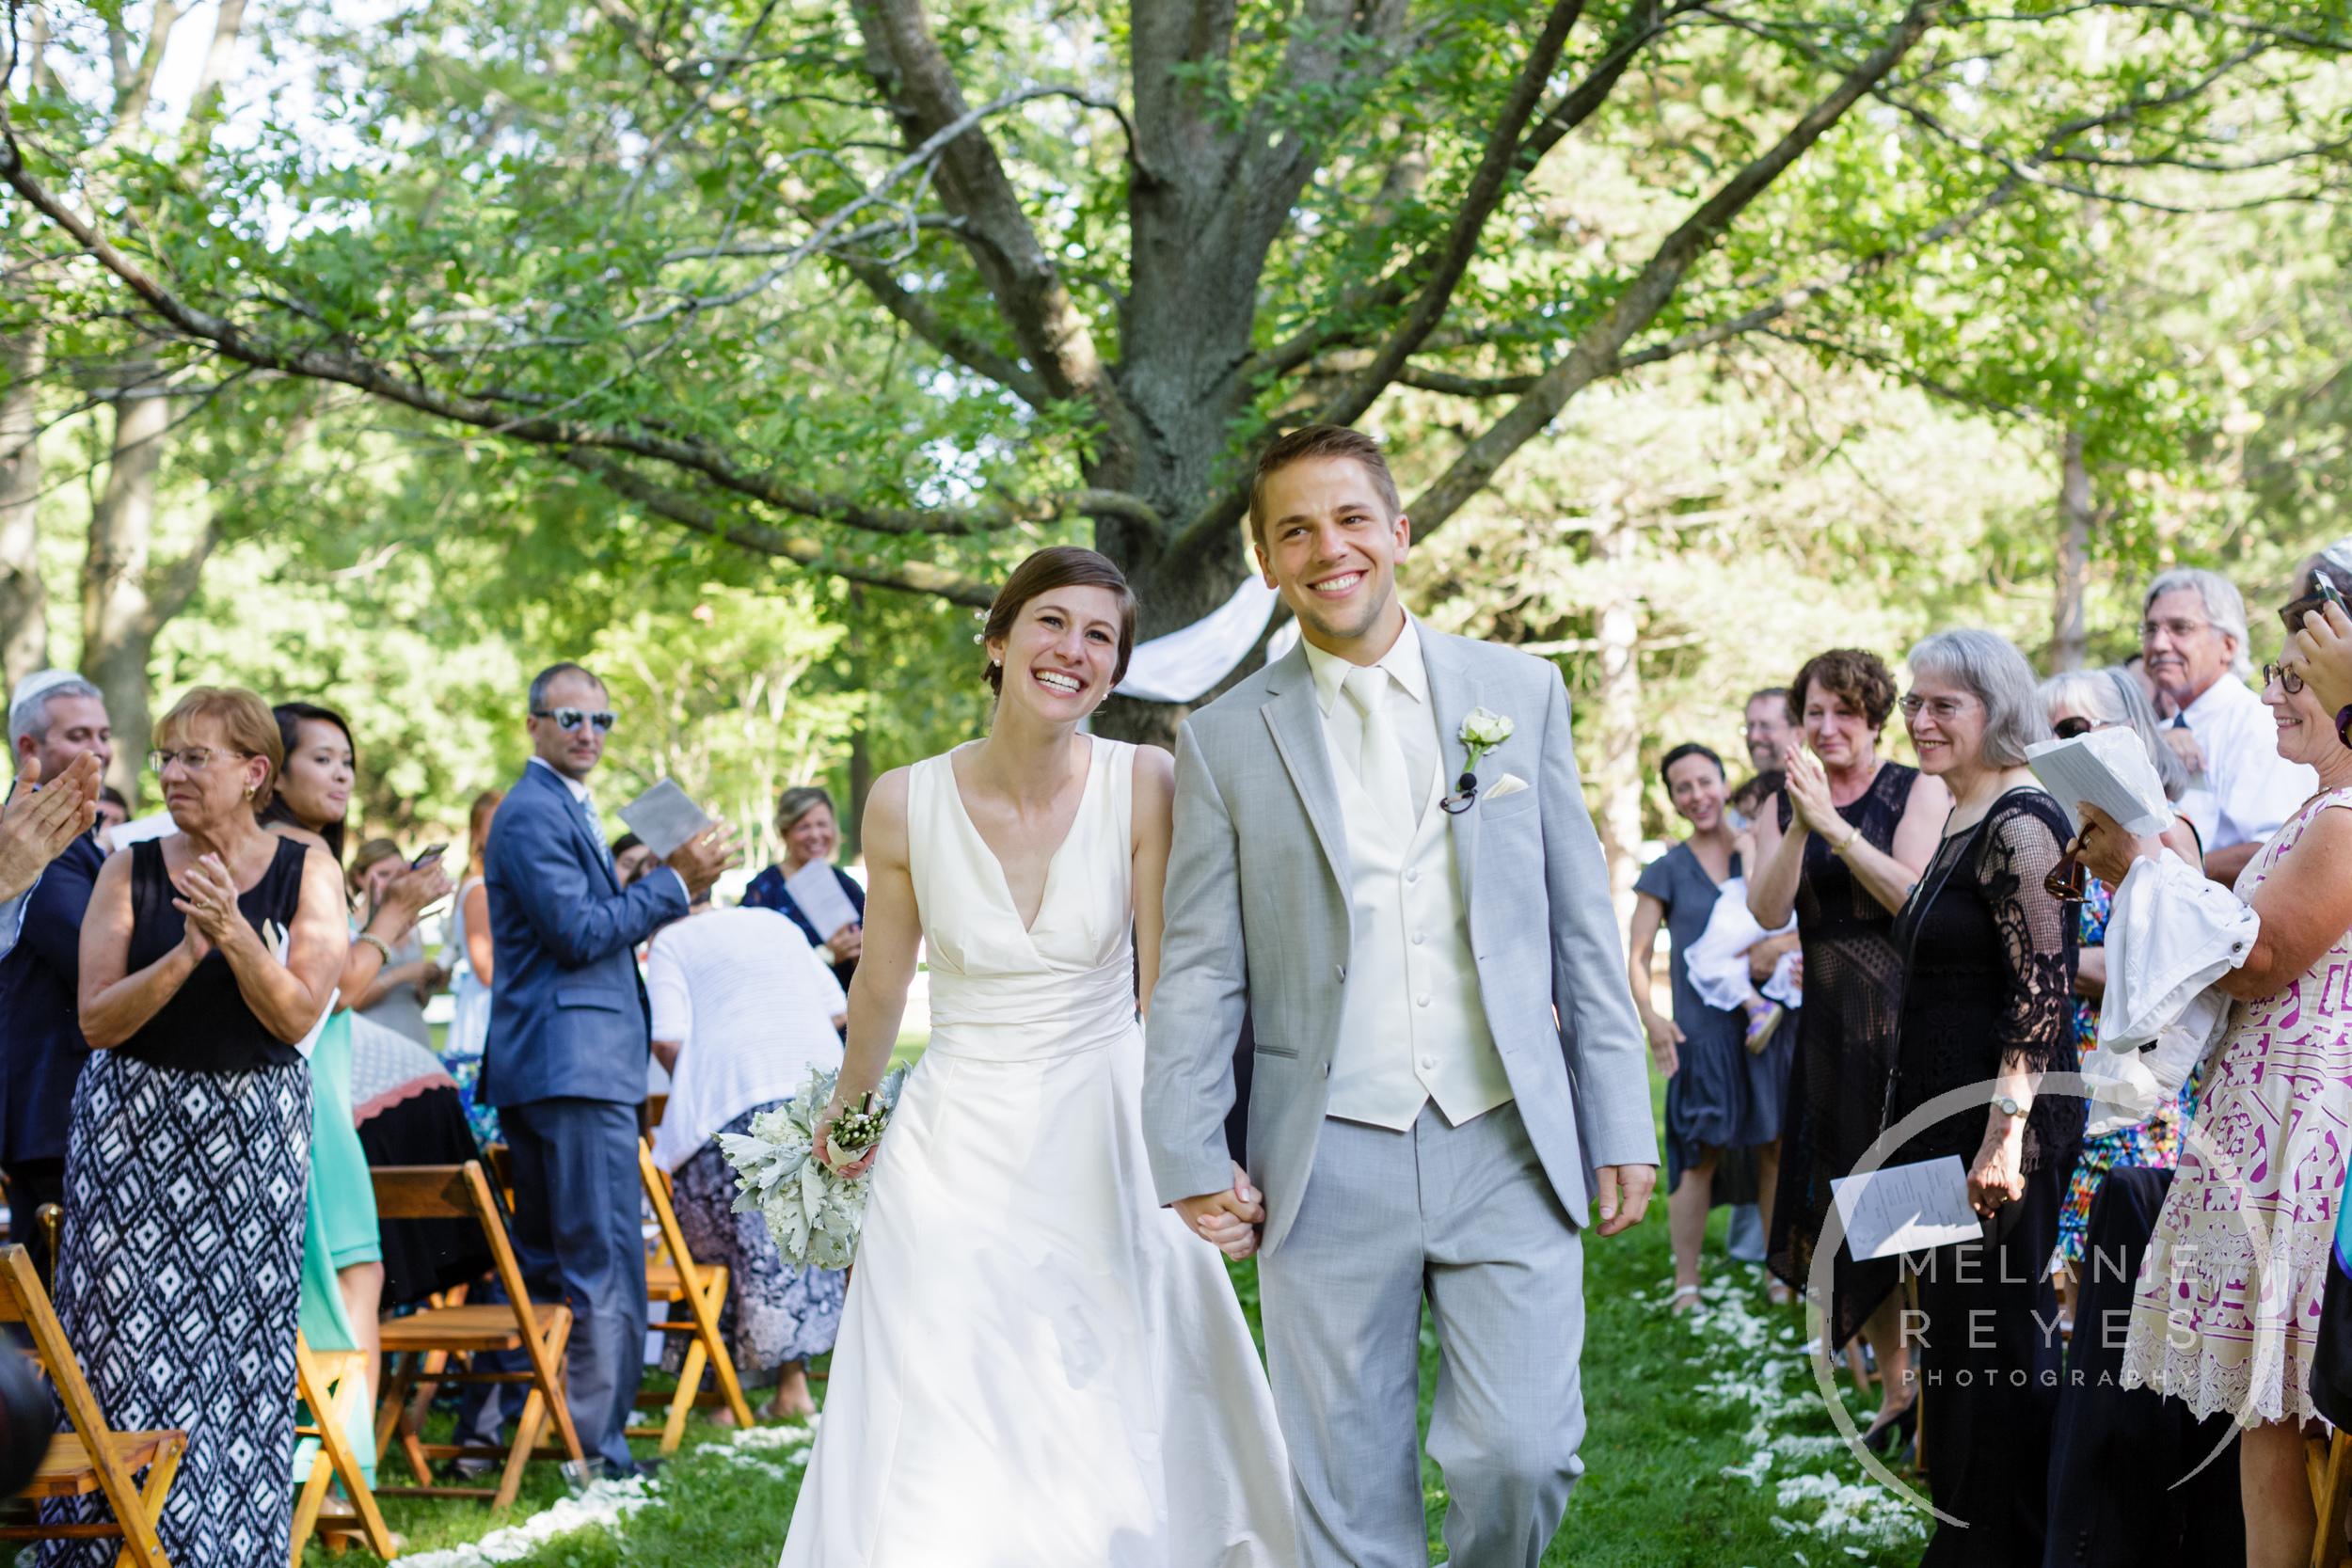 048_farm_wedding_melanie_reyes.JPG